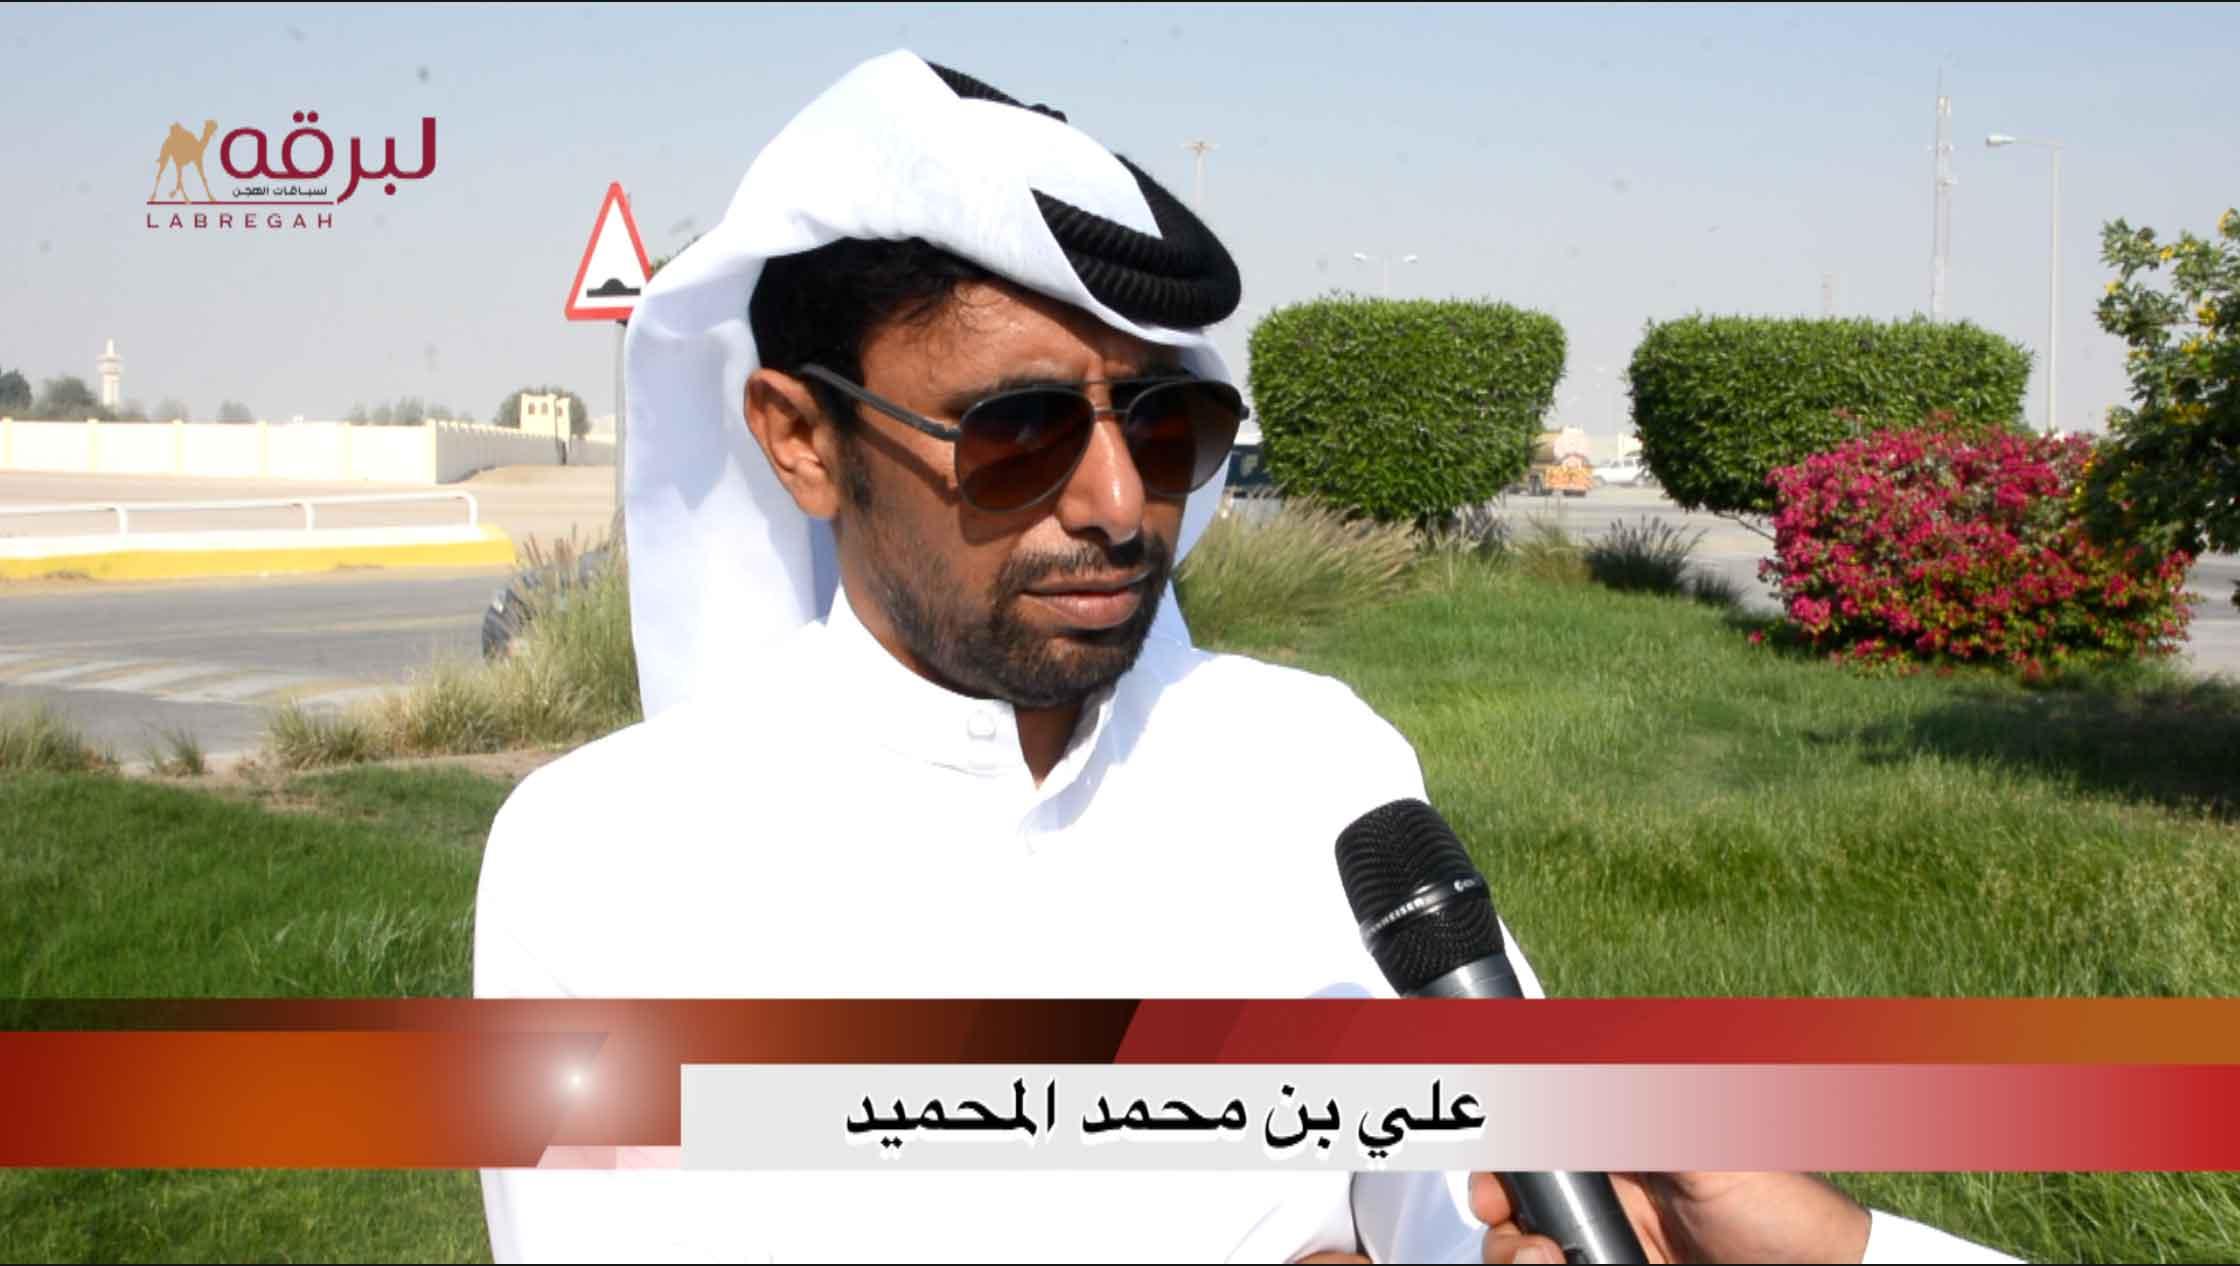 لقاء مع علي بن محمد المحميد.. الشوط الرئيسي للزمول إنتاج الأشواط العامة  ١٢-١١-٢٠٢٠